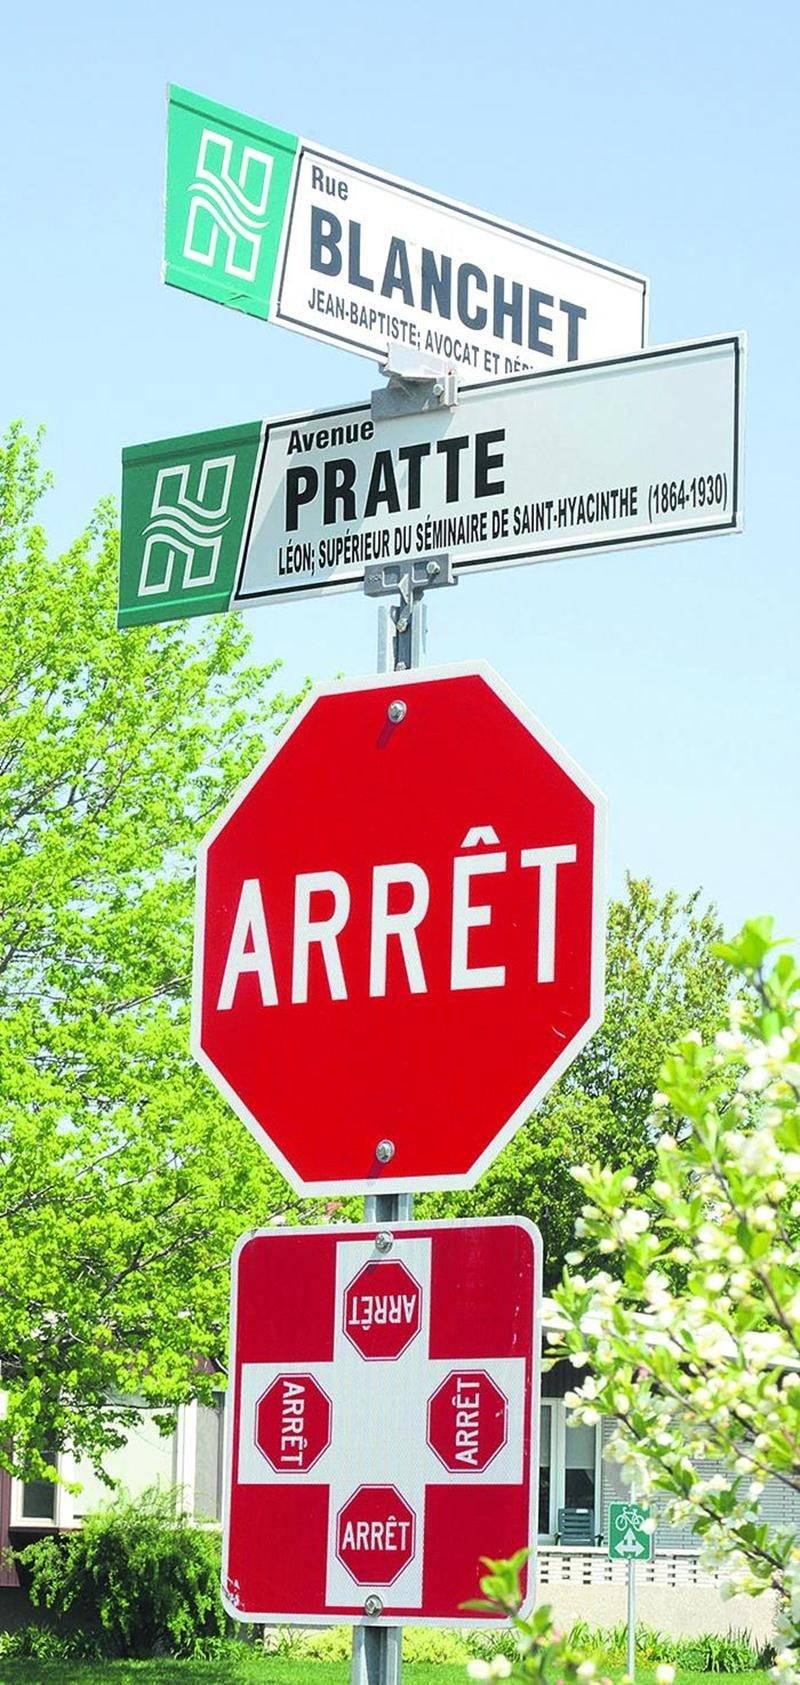 La Ville de Saint-Hyacinthe maintient finalement la décision qu'elle avait prise il y a deux ans de nommer « Blanchet » le nouveau tronçon de rue qui donne accès au site de l'Exposition agricole dans l'axe de la rue Millet, du côté est du site. Des panneaux « rue Blanchet » sont apparus de nouveau il y a quelques jours aux intersections de l'avenue Pratte et de l'avenue Pagé, là où ils avaient vite disparus à l'été 2014, après les protestations de la Société d'agriculture. Ses dirigeants trouvai